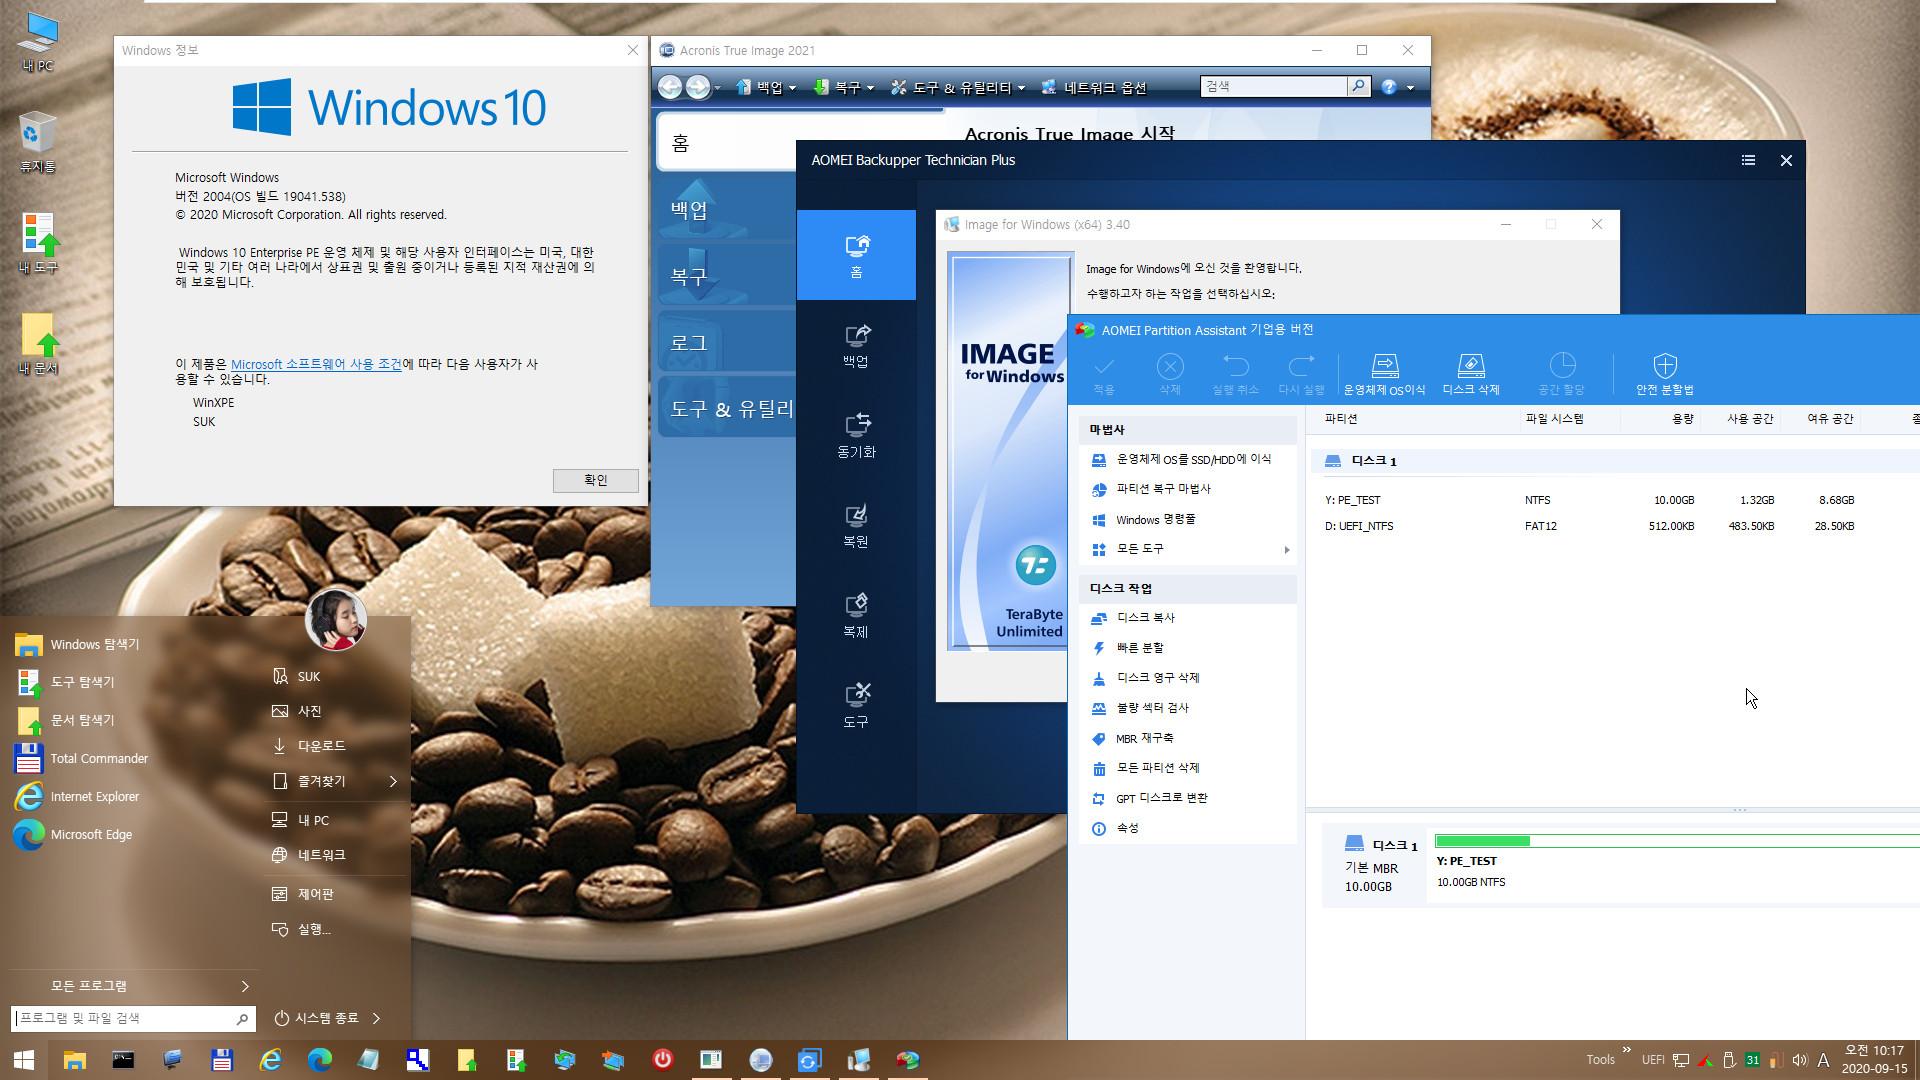 2020-09-15 업데이트 통합 PRO x64 2개 - Windows 10 버전 2004 + 버전 20H2 누적 업데이트 KB4577063 (OS 빌드 19041.538 + 19042.538) - PE 만들기 테스트 2 - 성공 2020-09-15_101732.jpg